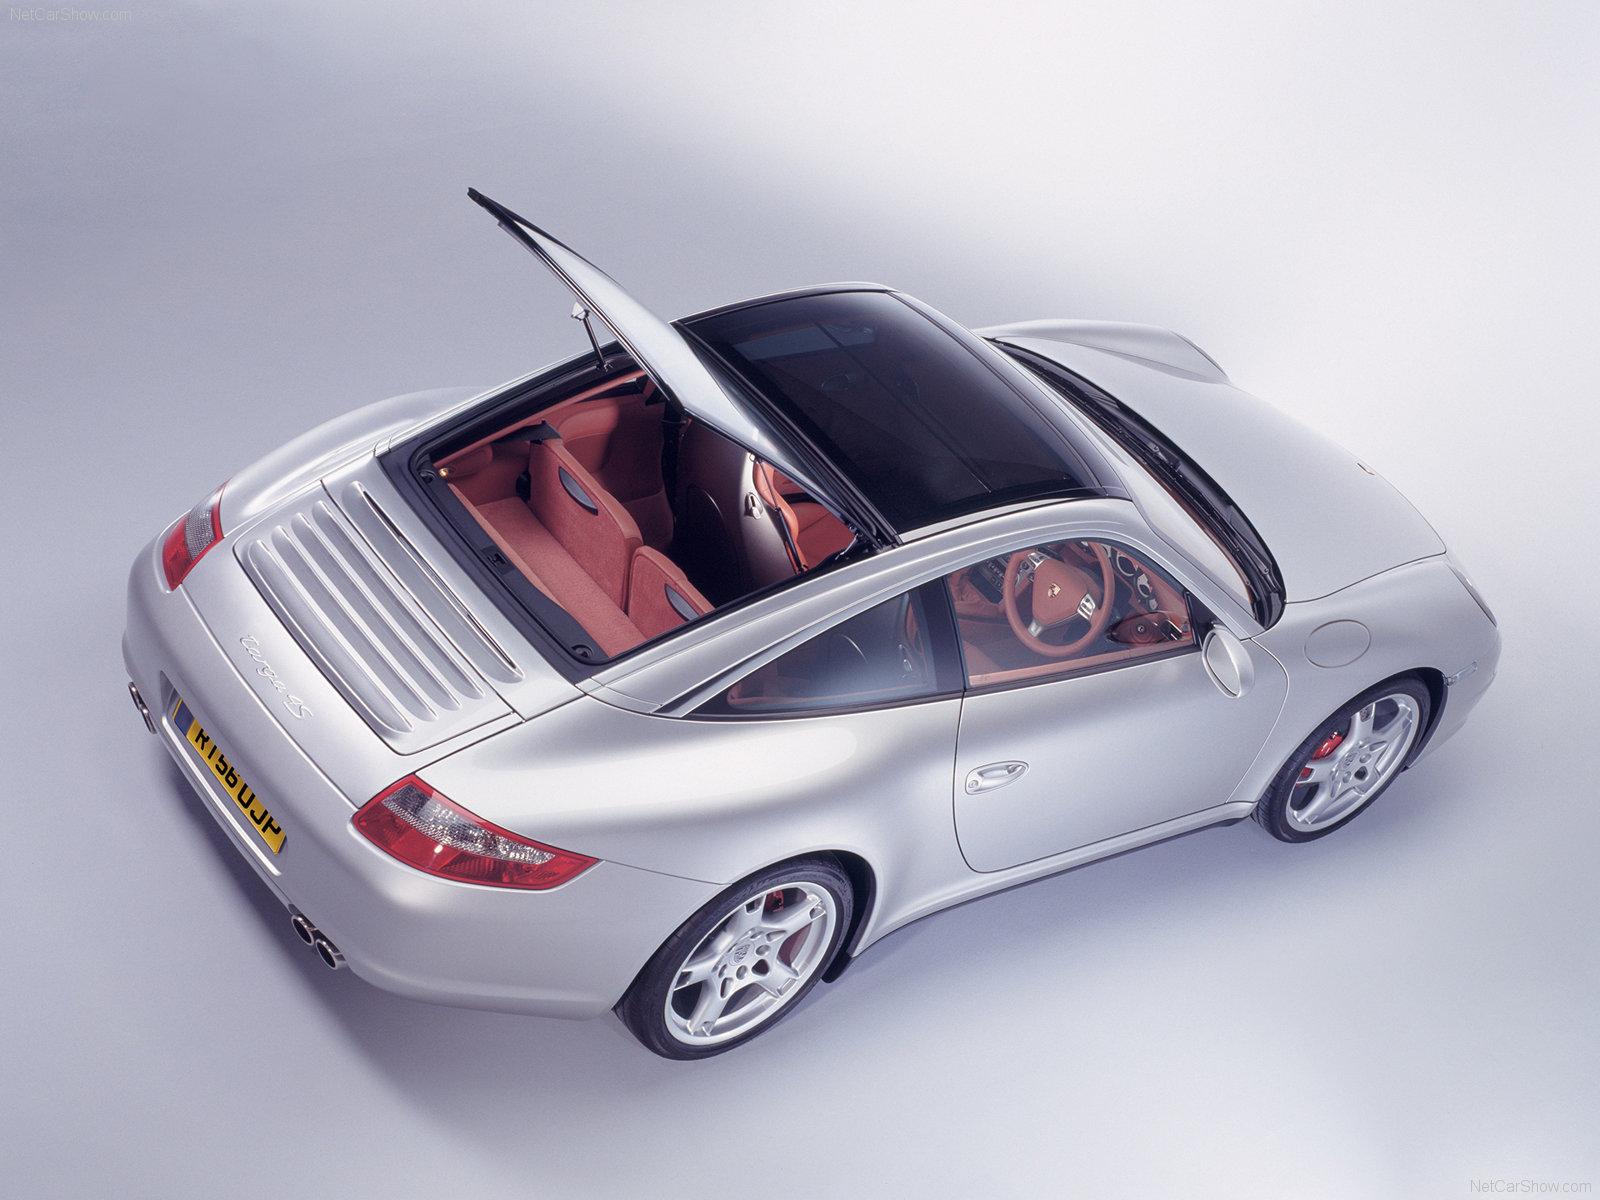 2007 Silver Porsche 911 Targa